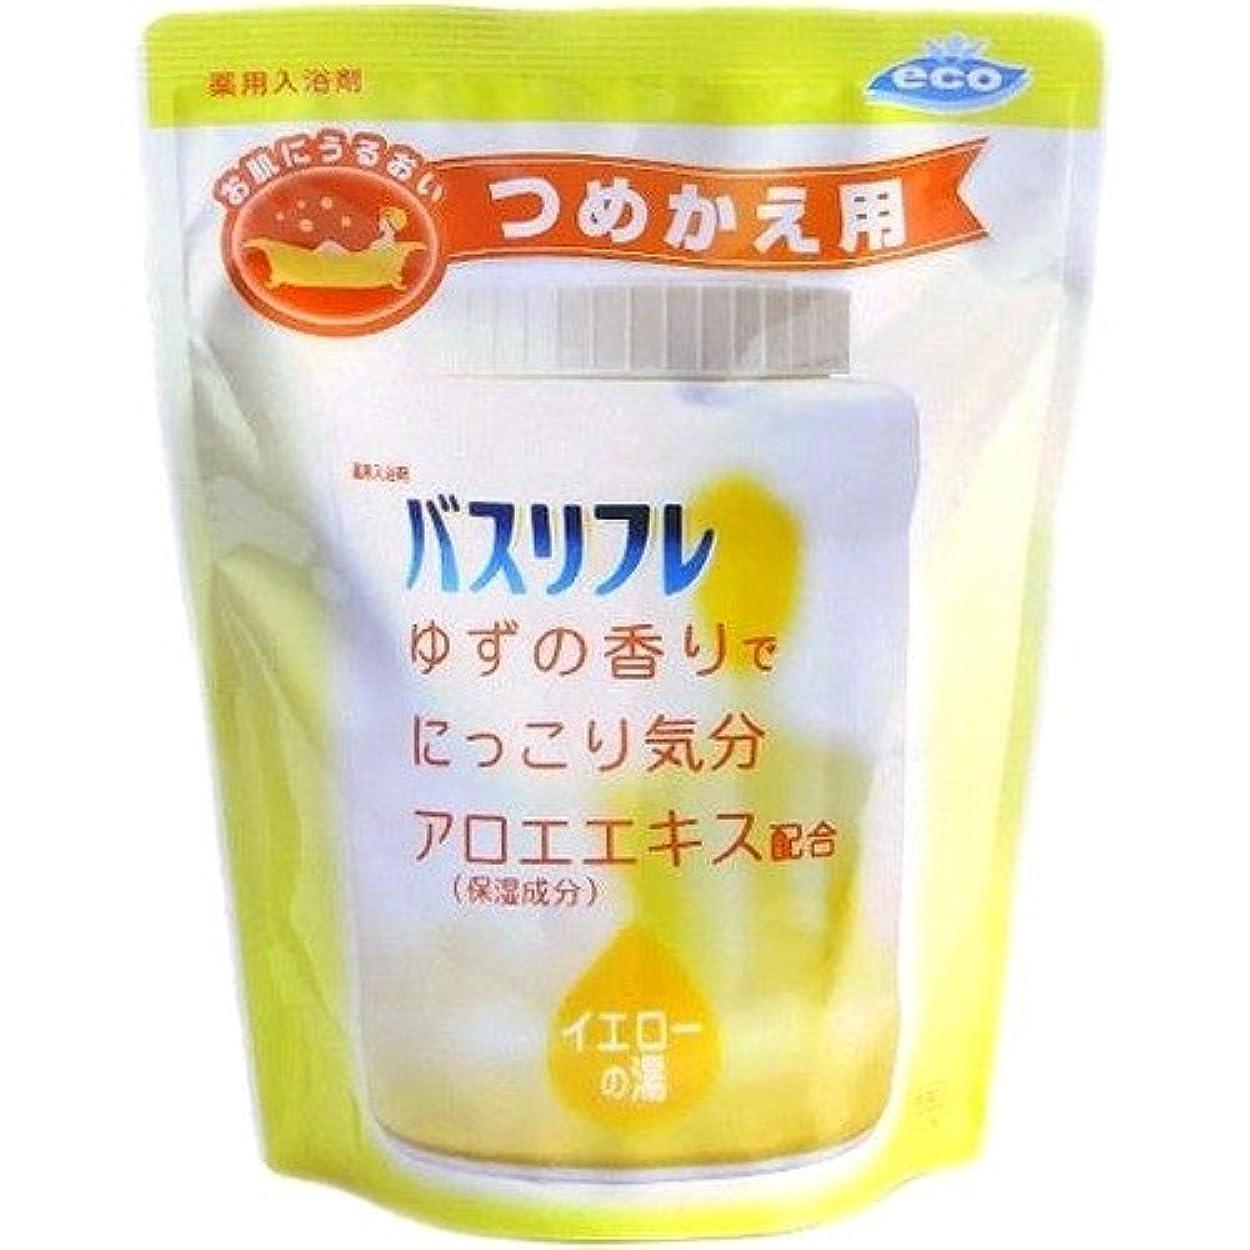 フラグラント重要性ブレークライオンケミカル バスリフレ 薬用入浴剤 ゆずの香り つめかえ用 540g 4900480080102